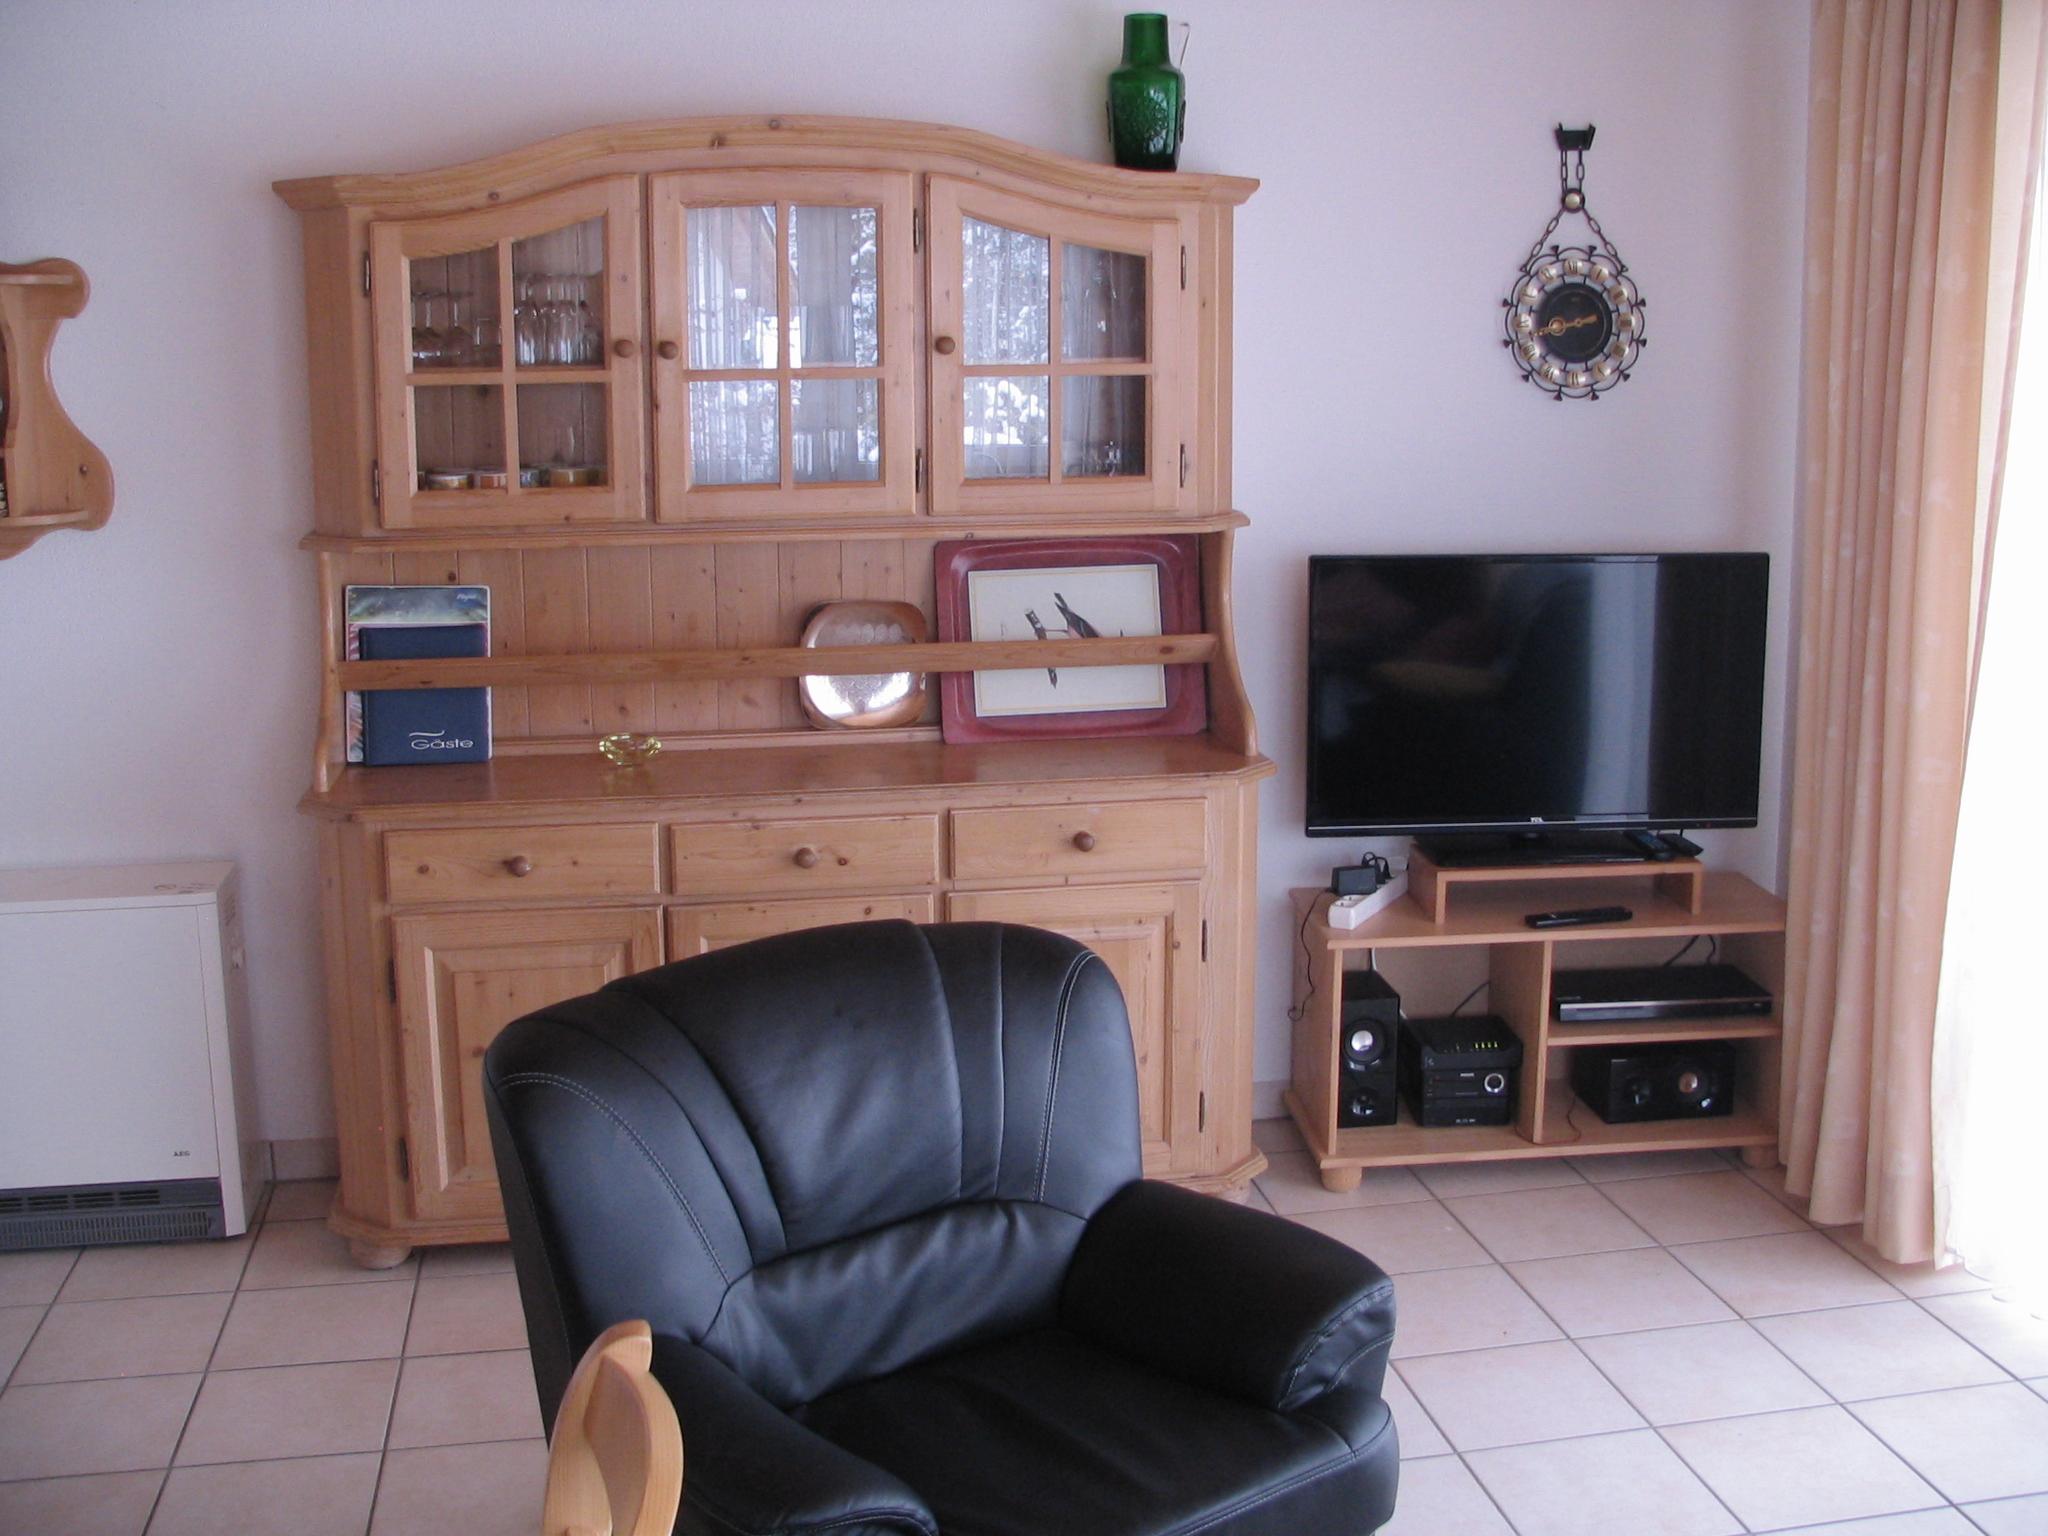 wohnzimmer ohne wand : Ferienlandhaus De Wohnzimmer Und Esszimmer